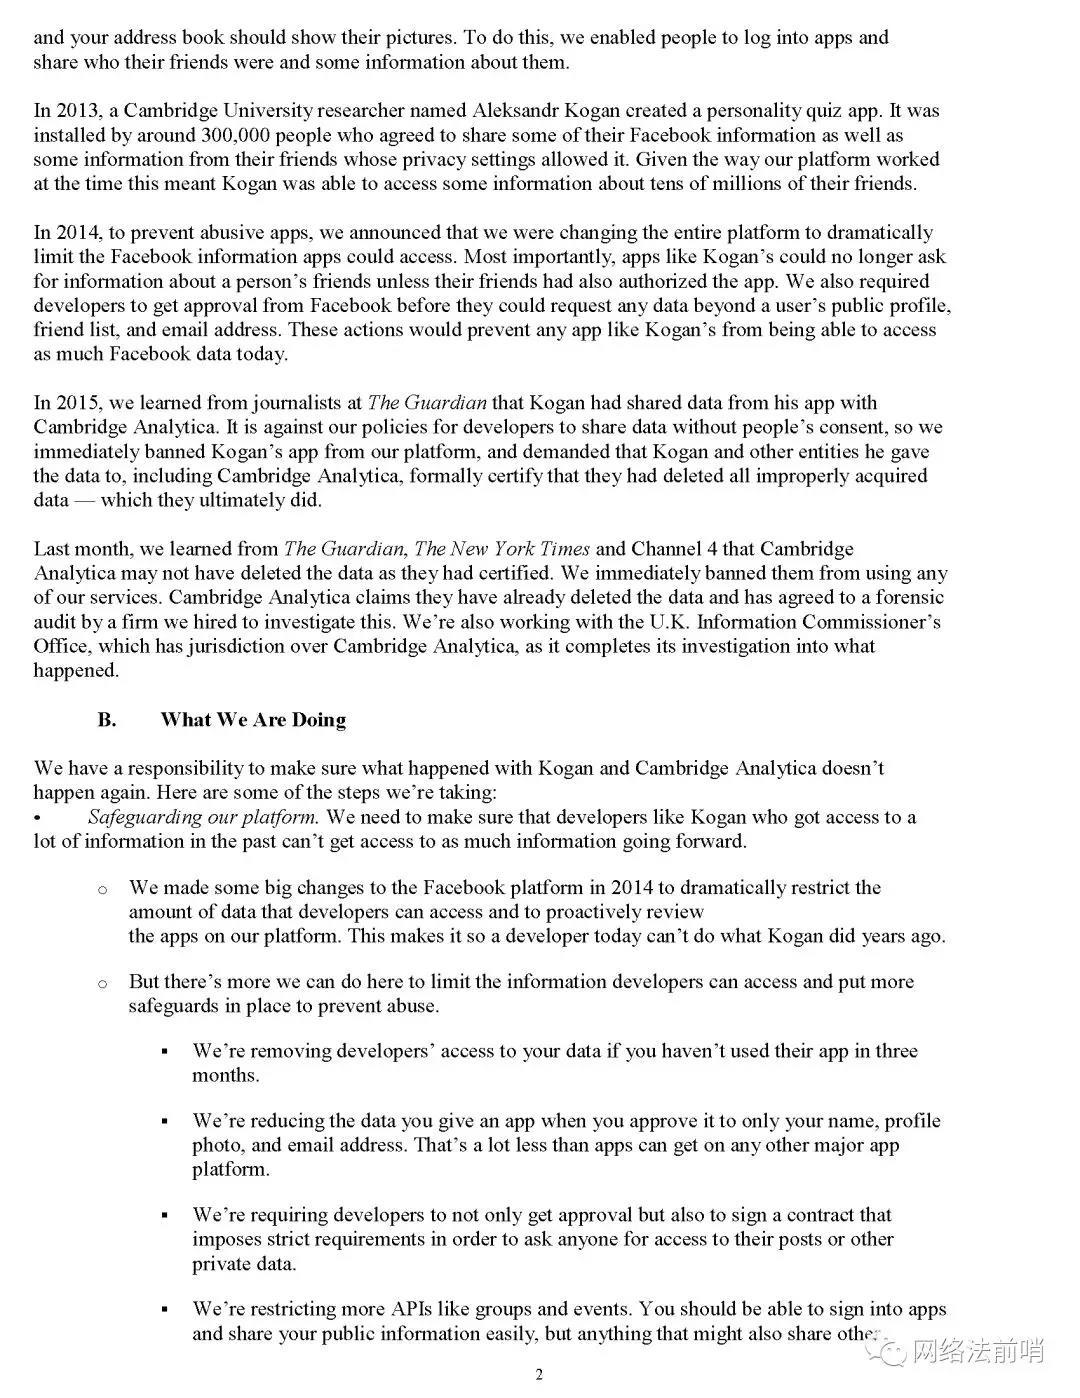 幸运飞艇是国家出的吗:扎克伯格:在阻止网络信息被滥用等方面做得不够(附证词全文)